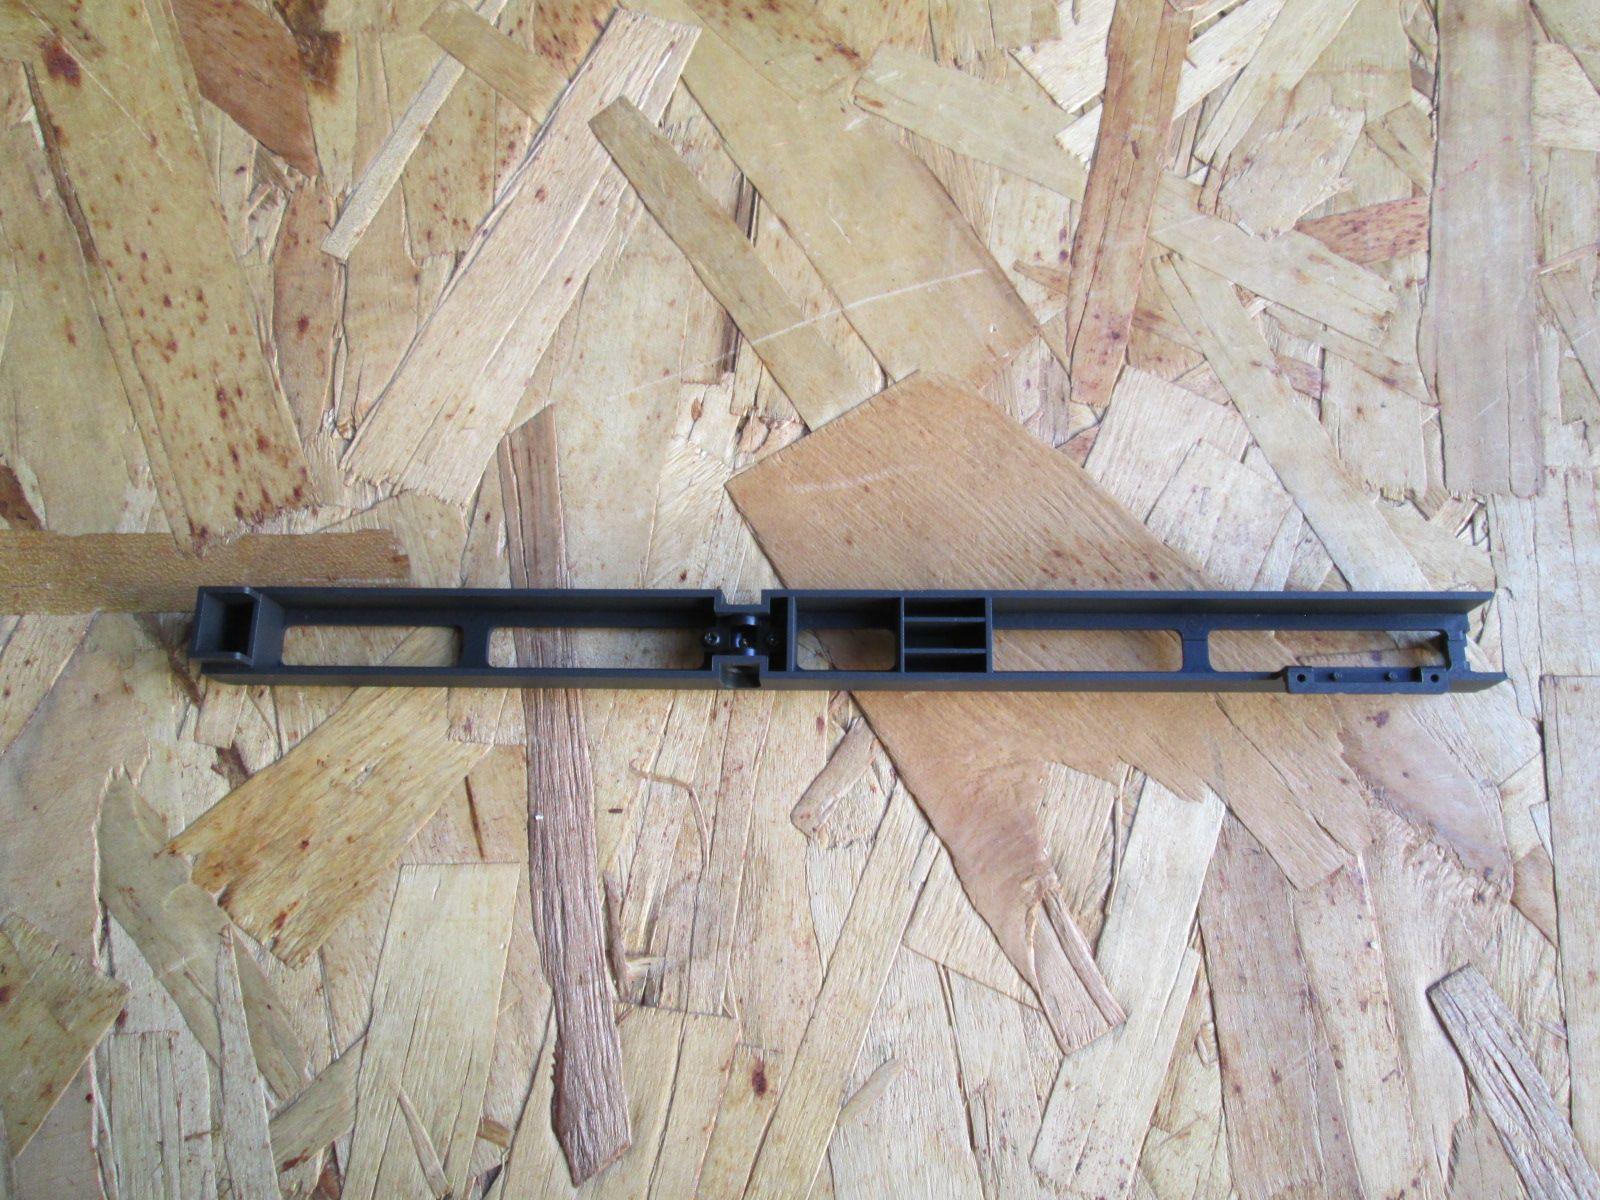 Carrello per Scar L/CQC  SRE (SCAR-15)